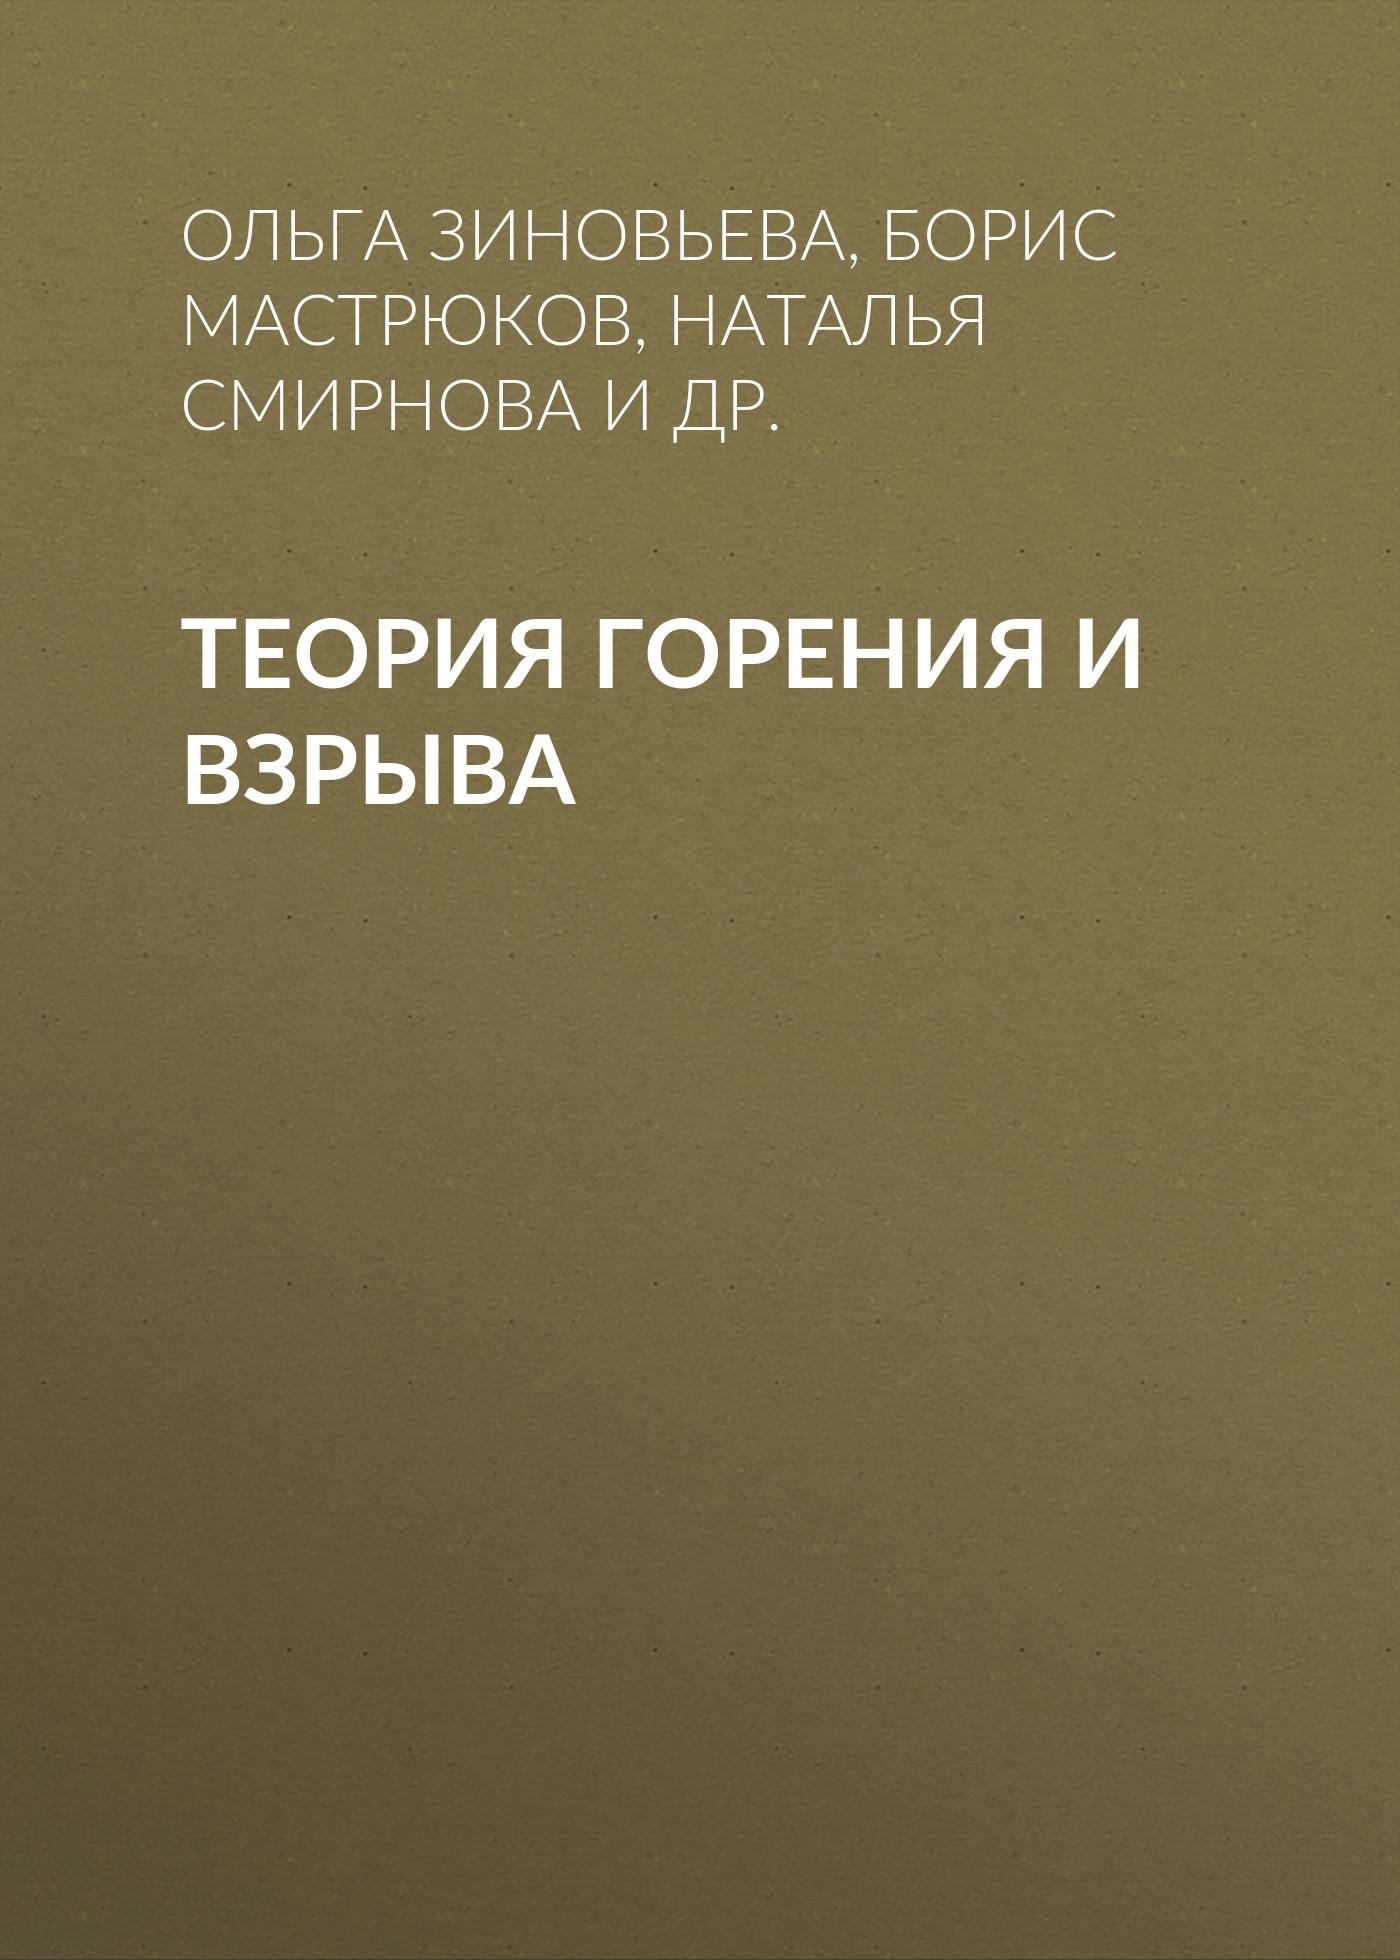 Н. А. Смирнова Теория горения и взрыва а а любомудров теоретические основы физических процессов ядерного взрыва